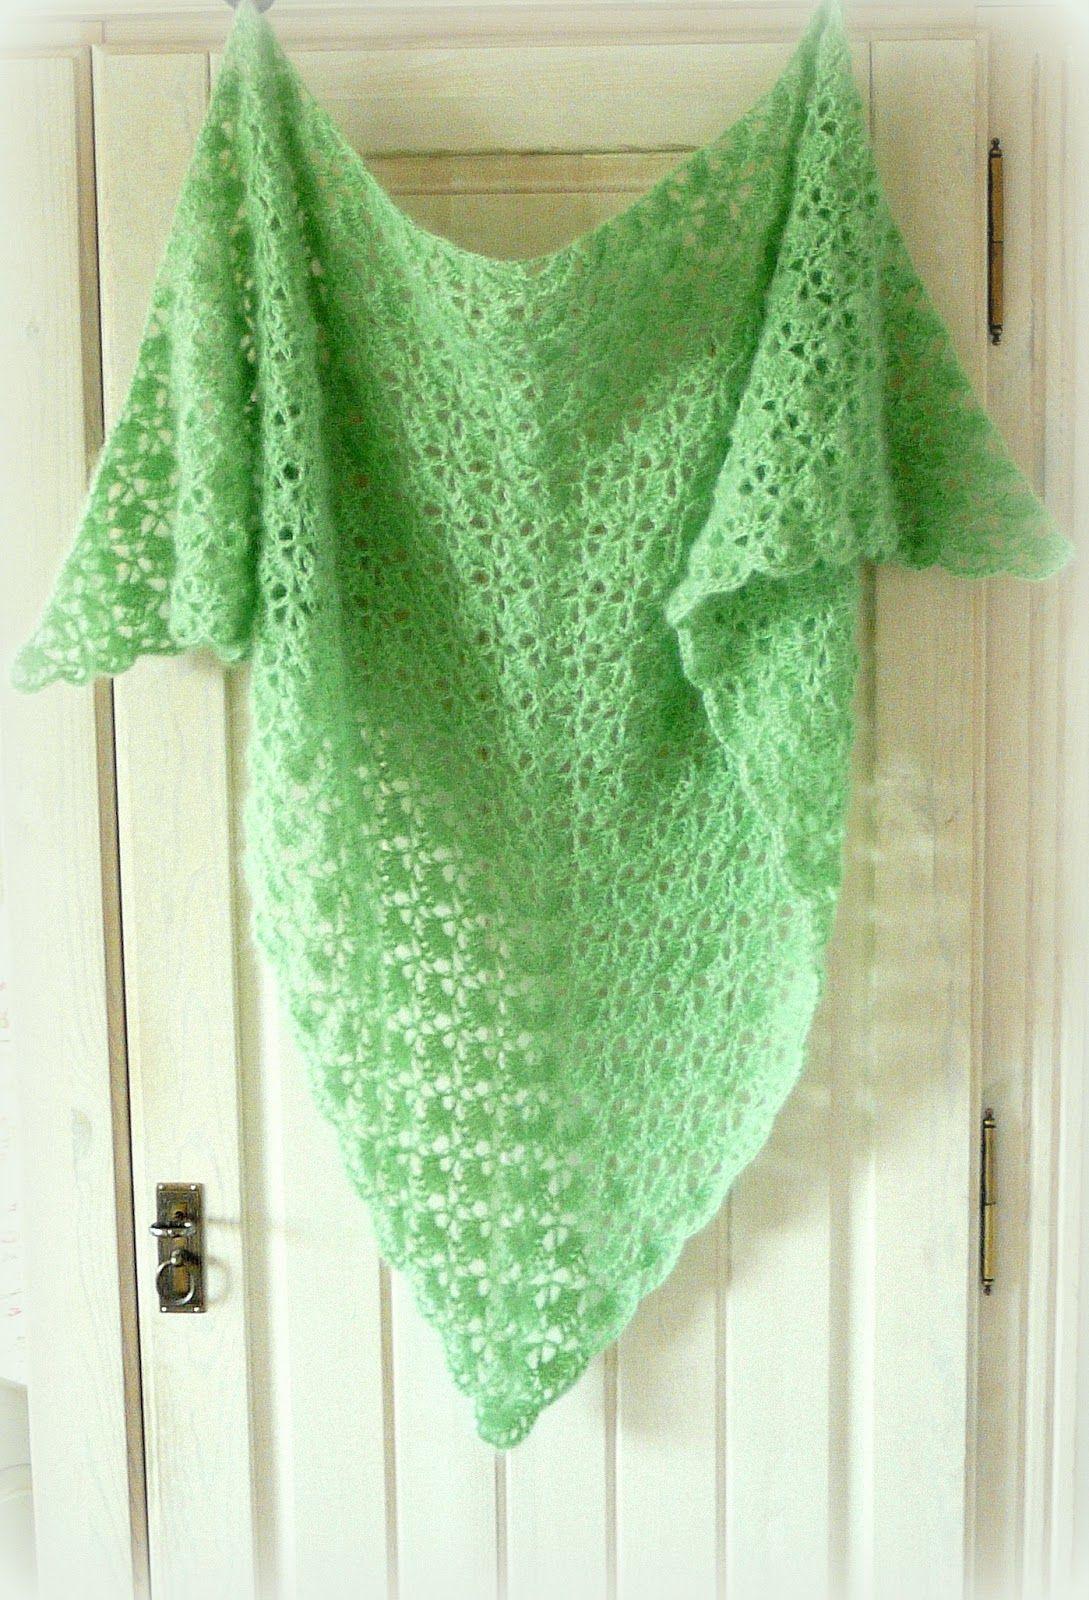 Pin von Claire Louise auf Scarves and shawls | Pinterest ...